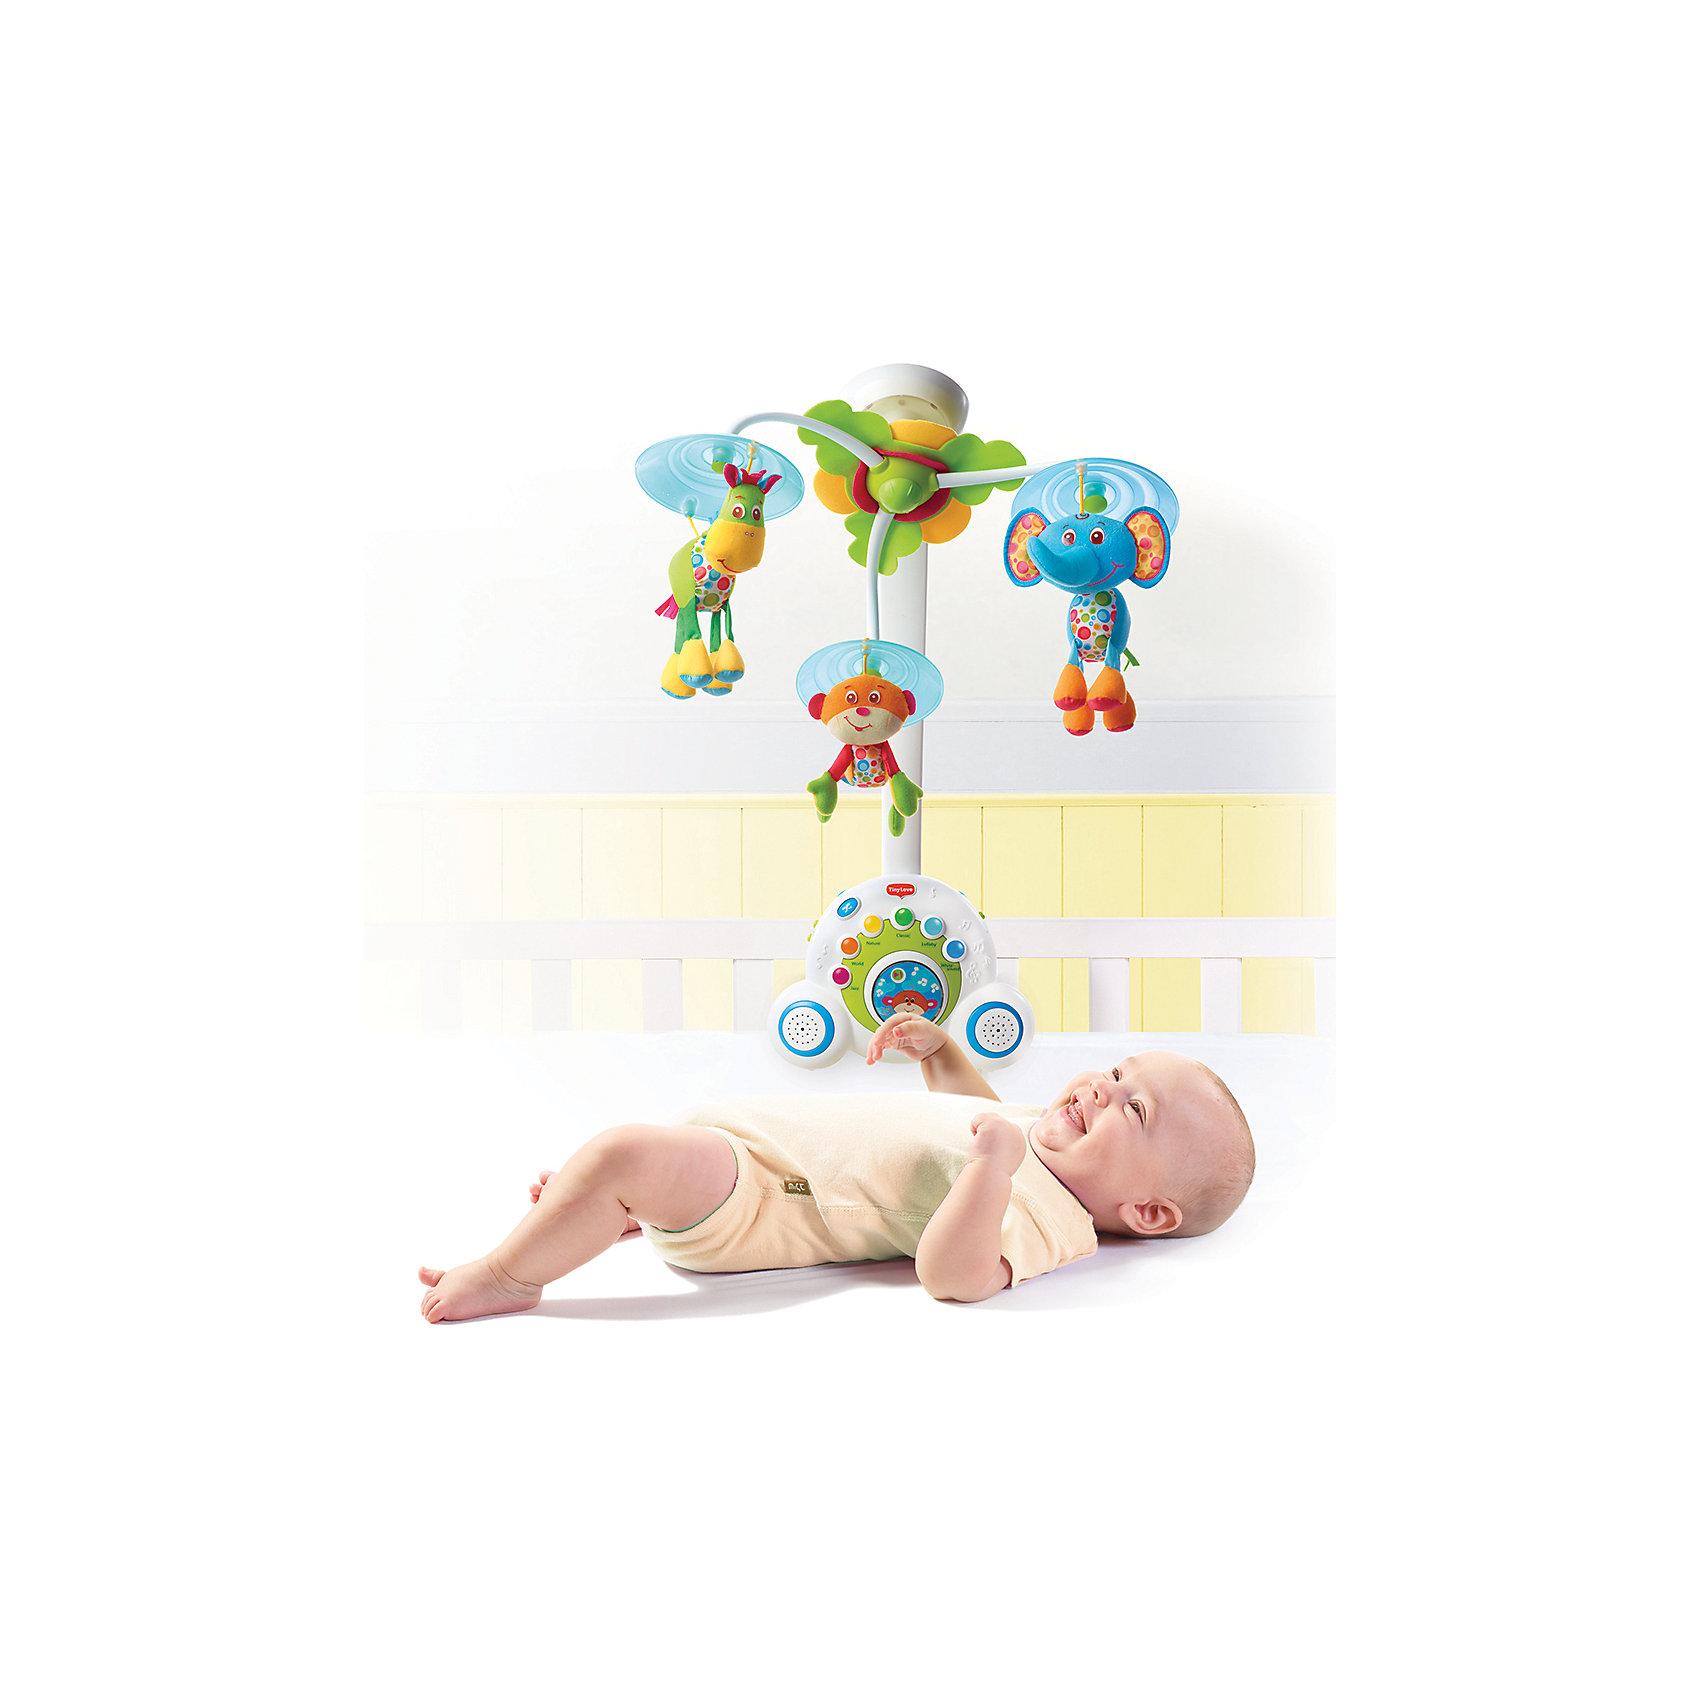 Многофункциональный мобиль Бум-бокс, Tiny LoveМногофункциональный мобиль Бум-бокс от Tiny Love (Тини Лав). <br><br>Мелодичный и яркий мобиль, который будет расти вместе с Вашим малышом!<br><br>Первый вариант – классический мобиль, который будет радовать и убаюкивать вашего малыша на протяжении первых 5 месяцев.<br>Второй вариант – классический ночник для малыша, который будет успокаивать и баюкать подросшего малыша.<br>Третий вариант – Ваш малыш уже подрос, он ходит, играет и любит подражать старшим, и тут Вы преподносите ему его первый в жизни собственный магнитофон со светящимися клавишами и более чем 15 вариантами мелодий, который можно взять с собой на прогулку и похвастаться перед друзьями.<br><br>Общая продолжительность звучания мелодий более 40 минут, в мобиль запрограммировано 6 типов мелодий: джаз, классика, природа, всемирные хиты, колыбельные и даже белый шум. Всего Бумбокс может воспроизводить более 15 мелодических тем, выбор которых можно производить как по разделам, так и в случайном порядке. Громкость музыки идеально подходит для малышей. <br><br>Запатентованное вращение животных специально настроено так, чтобы привлечь внимание малыша, который с удовольствием будет следить за животными. Объемное вращение создает симпатичные картины для малыша и развивает восприятие и чувства. Световые эффекты и музыкальное сопровождение хорошо дополняют этот инновативный продукт. <br><br>Дополнительная информация:<br><br>- уникальный механизм вращения<br>- 40 минут музыки без повторений<br>- 6 различных стилей и 15 мелодических тем<br>- 3 милых фигурки<br>- успокаивающий ночник<br>- съемный бум-бокс<br>- 2 высококачественных динамика<br>- успокаивающие световые сигналы<br>- кнопка для выбора мелодий (легкое управления для малыша)<br><br>Размер дуги: 48х30х7см.<br><br>В комплект входит: основание для крепления на кроватку - 1 шт., основной блок Бум-бокса с ручкой - 1 шт., сборная дуга мобиля - 1 шт., сборный плафон с 3 подвесными игрушками - 1 шт., инструкция - 1 шт.,